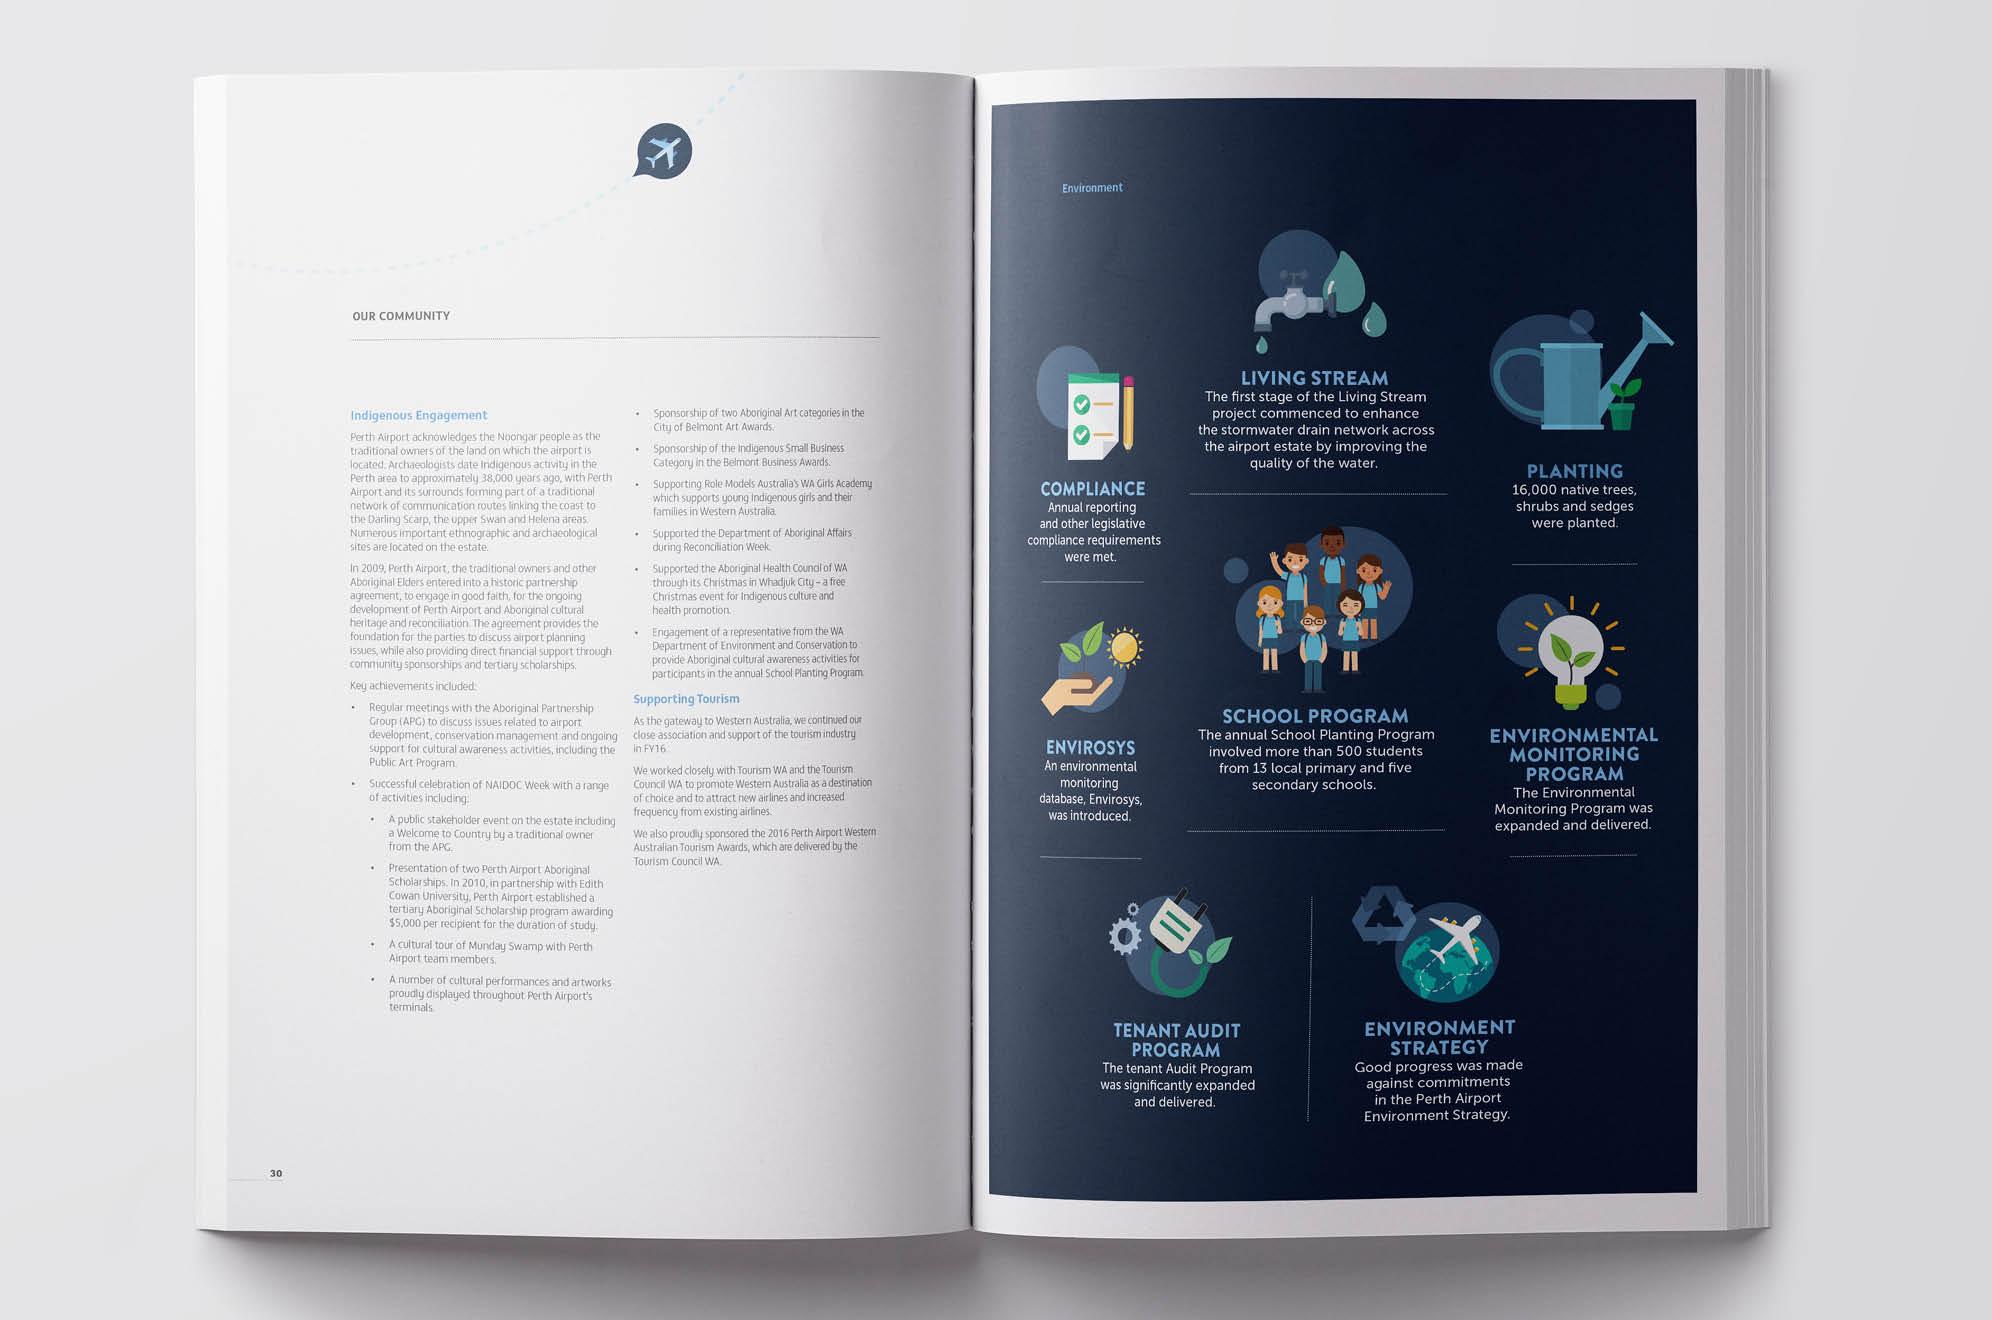 Perth Airport Annual Report Inside Spread